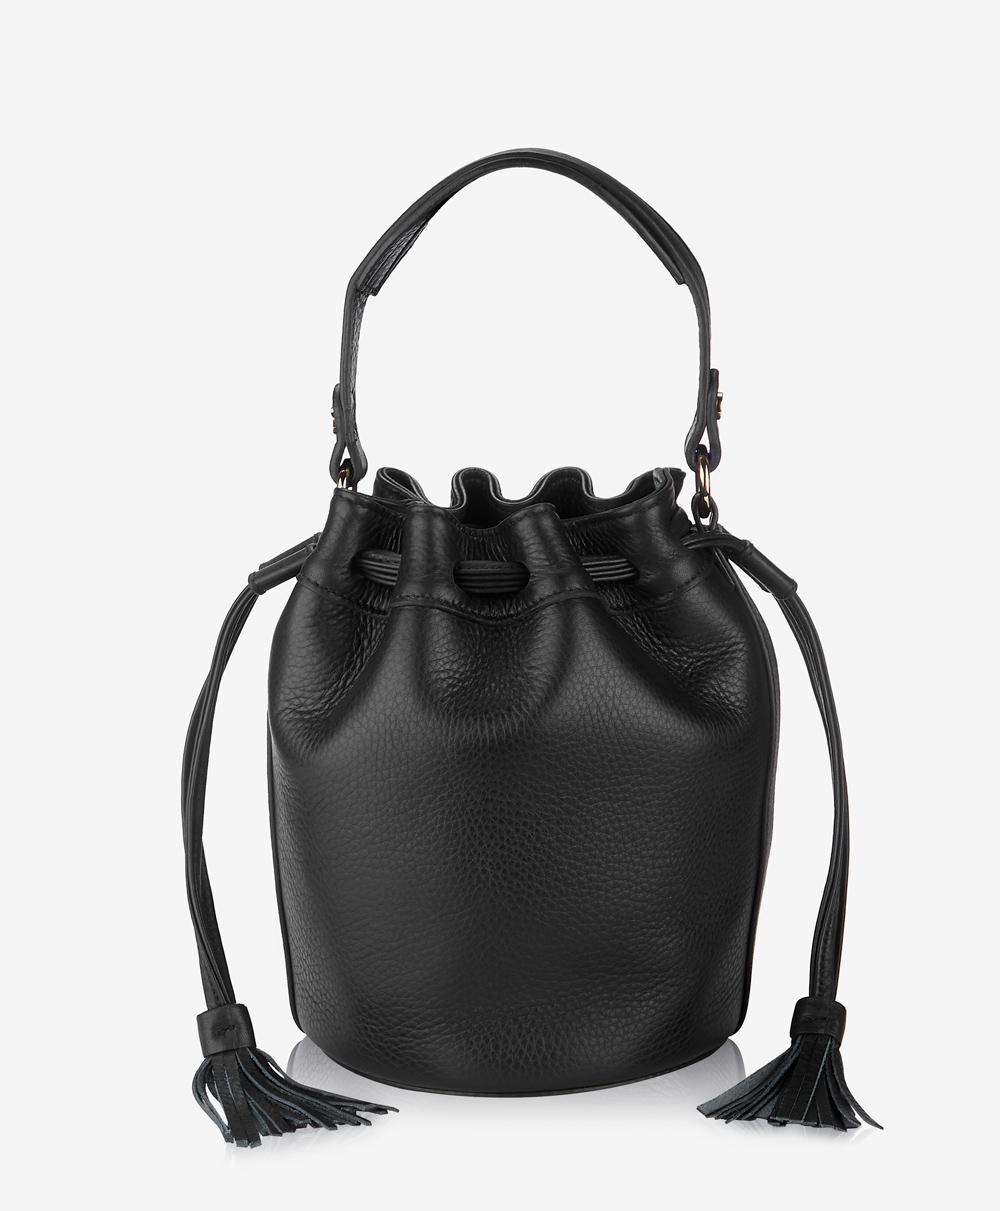 Genevieve Bucket Bag Black Napa Luxe GWN-LUX-BLK